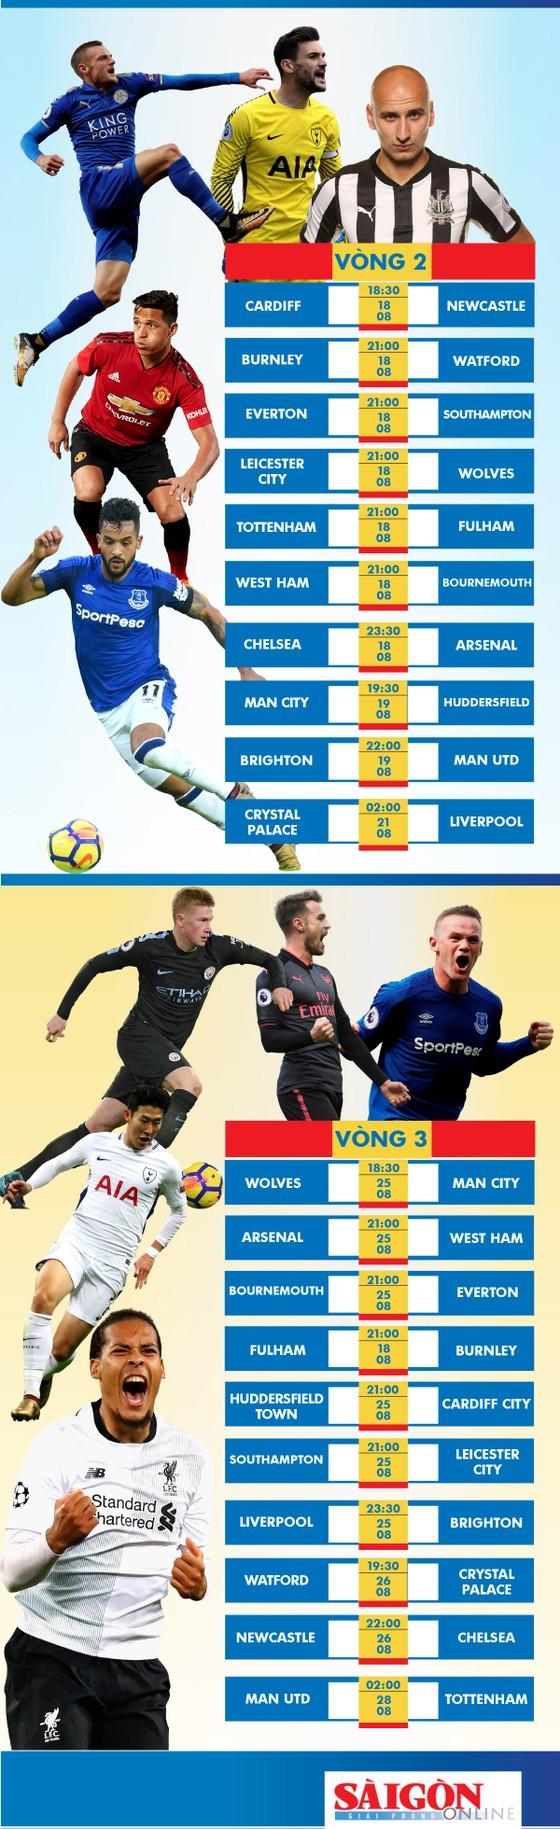 Lịch thi đấu Ngoại hạng Anh mùa giải 2018-2019 - Ngôi sao trong màu áo mới ảnh 2